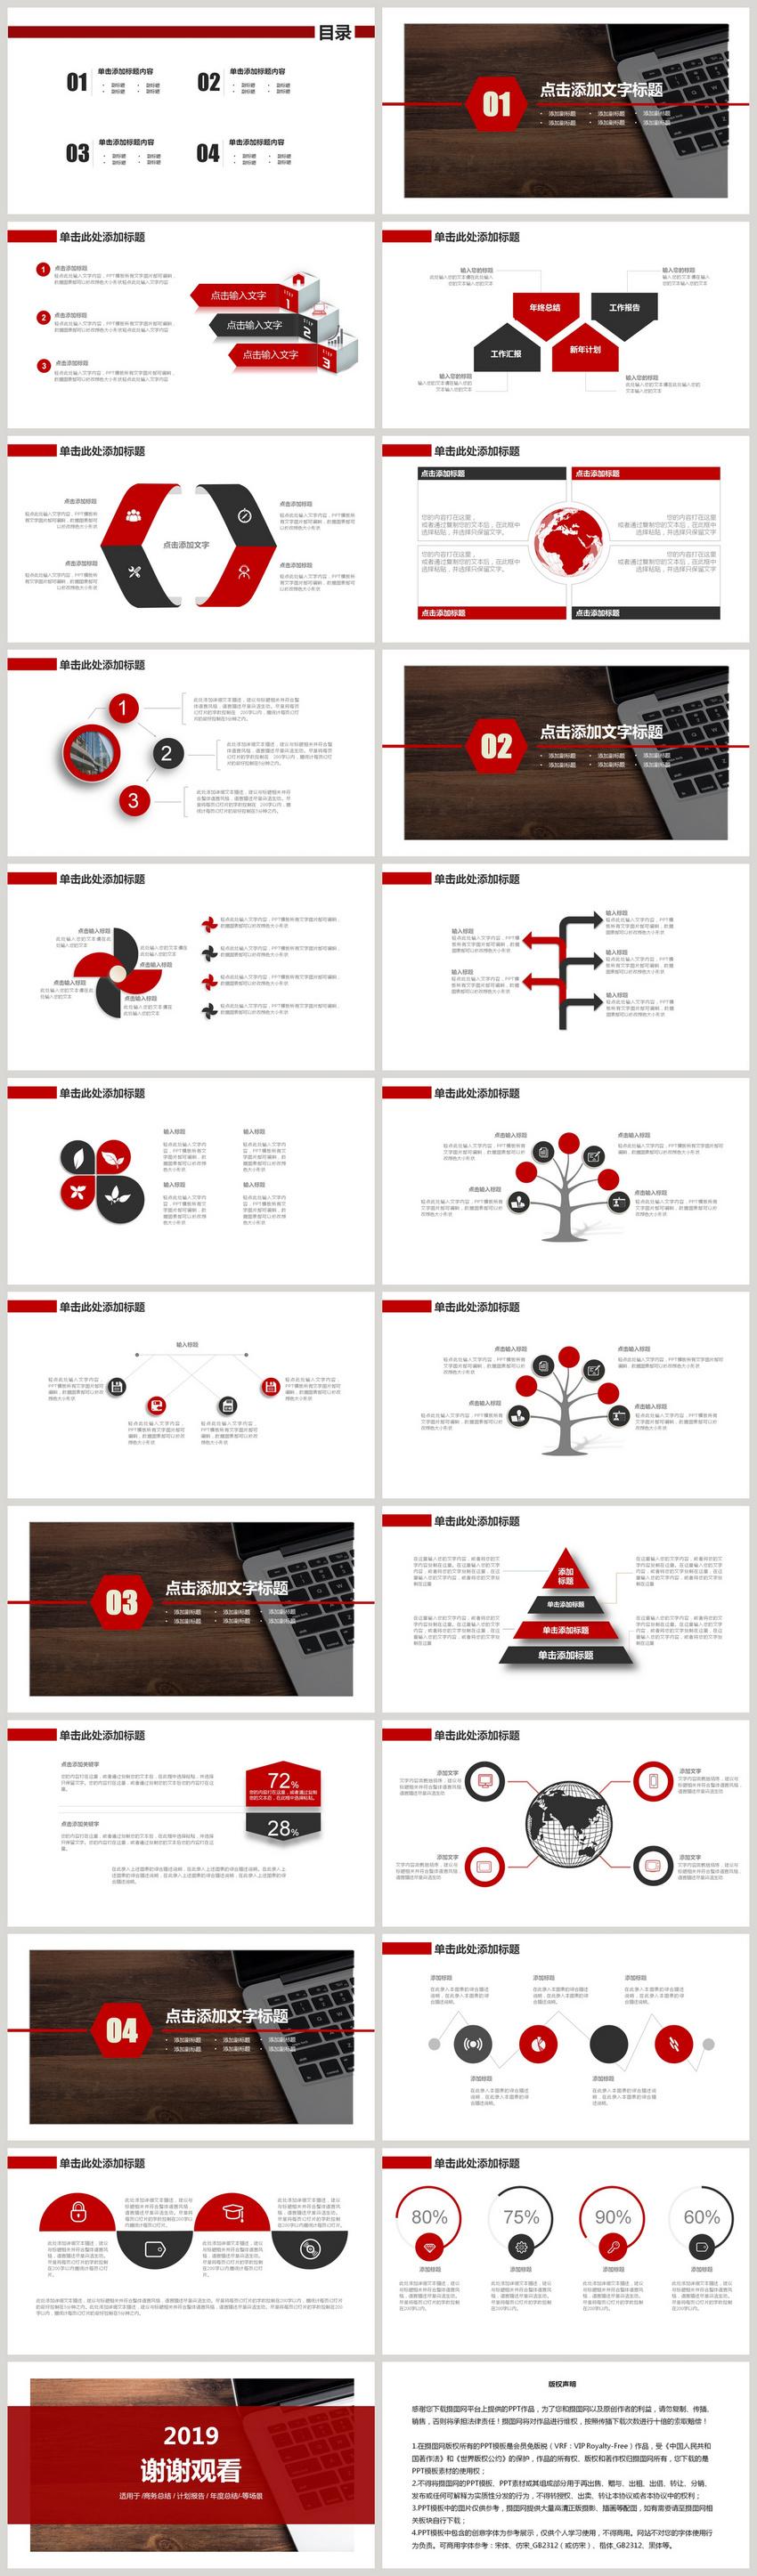 红色商务汇报PPT模板图片